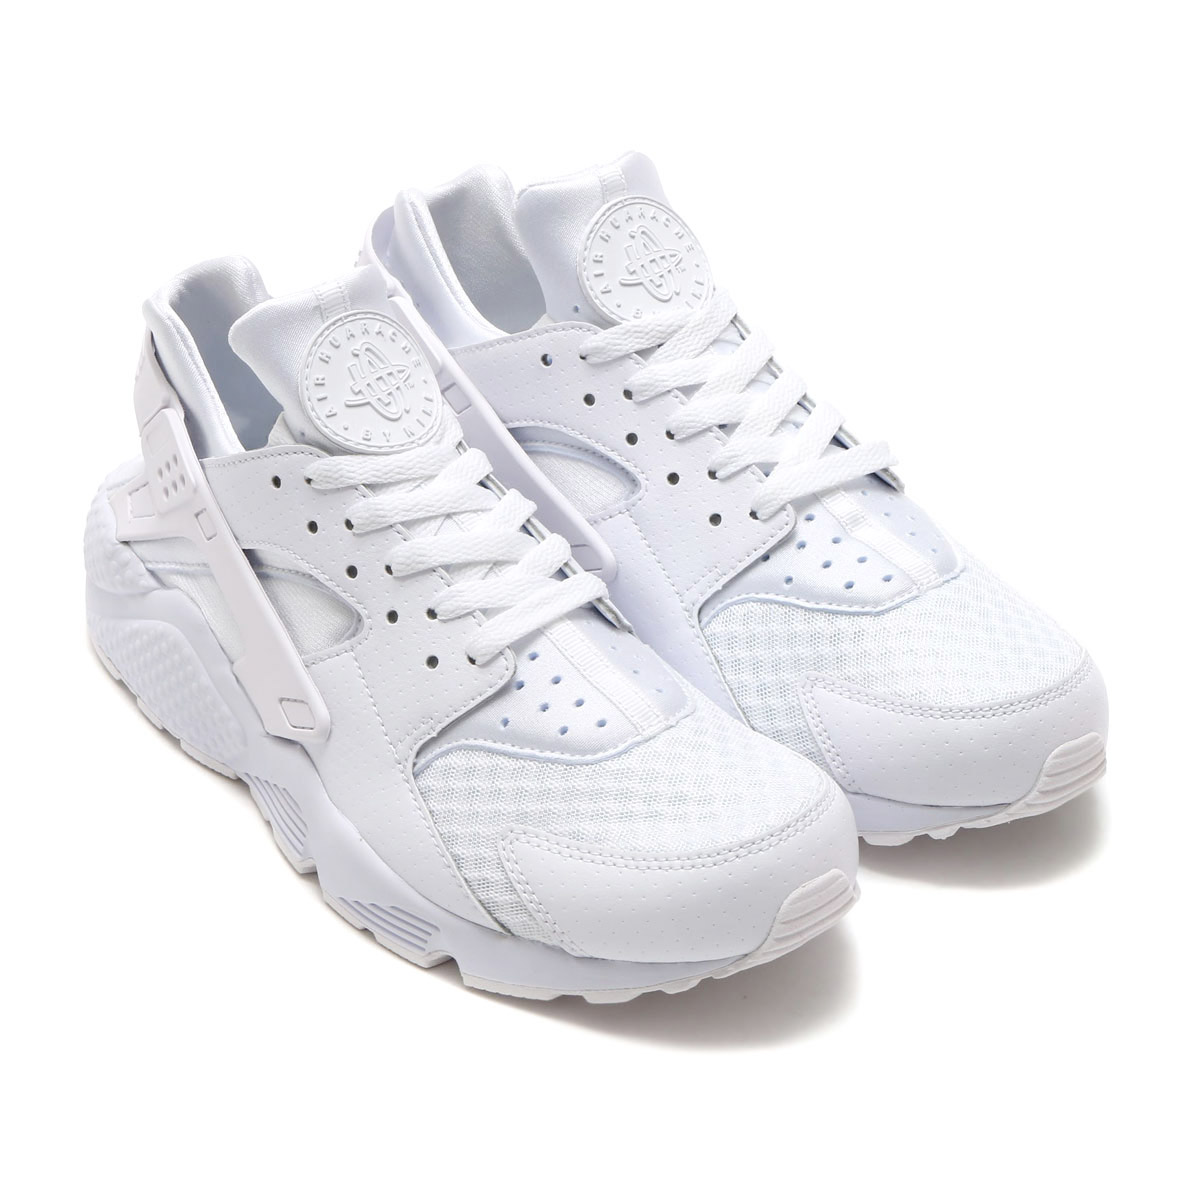 bf649fe4da9a NIKE AIR HUARACHE (Nike Air halti) (WHITE WHITE-PURE PLATINUM) 17 SP-I